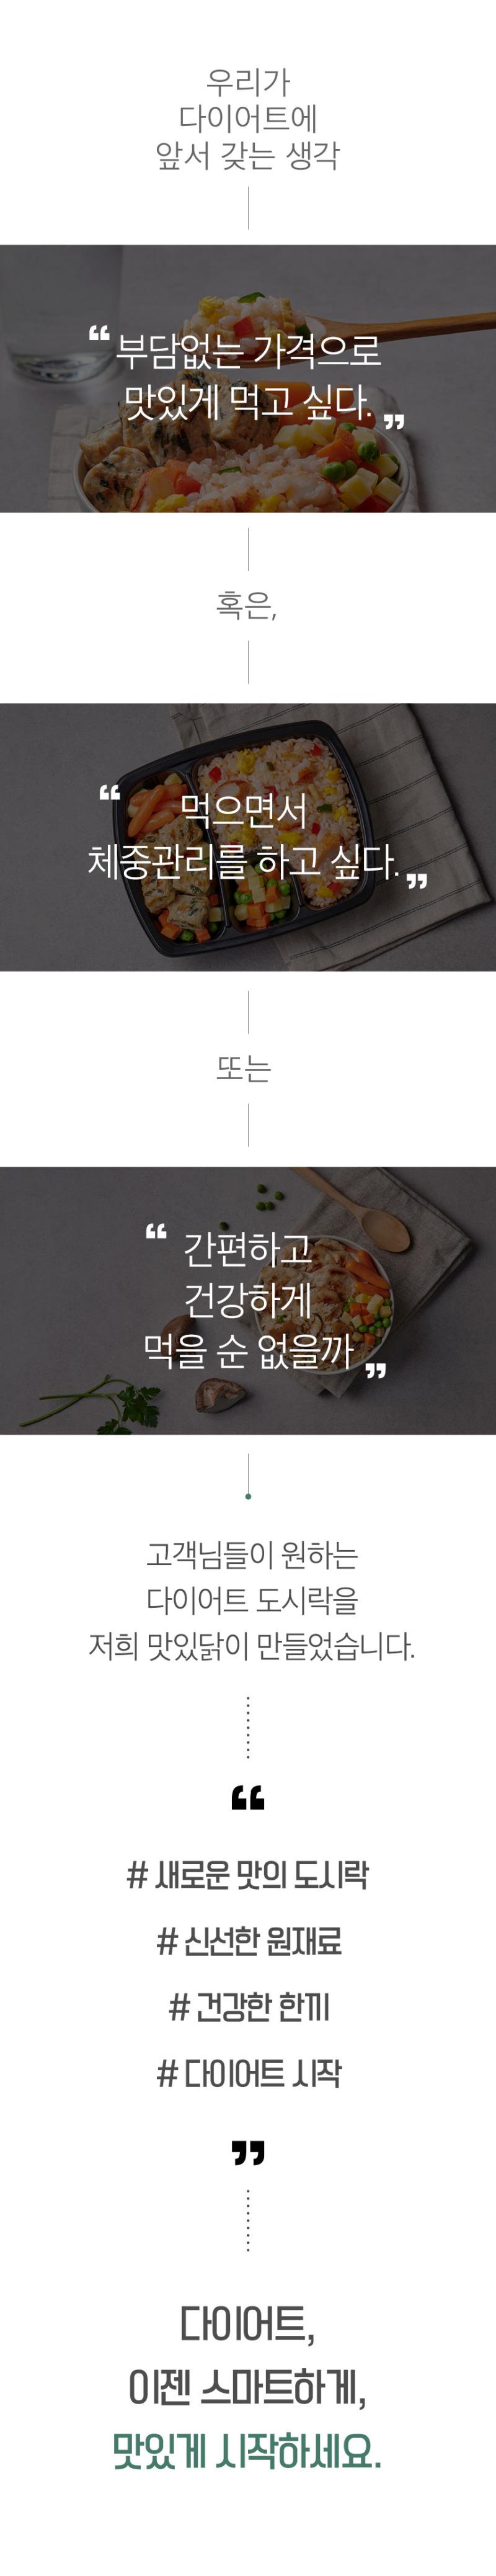 다도공통_상단